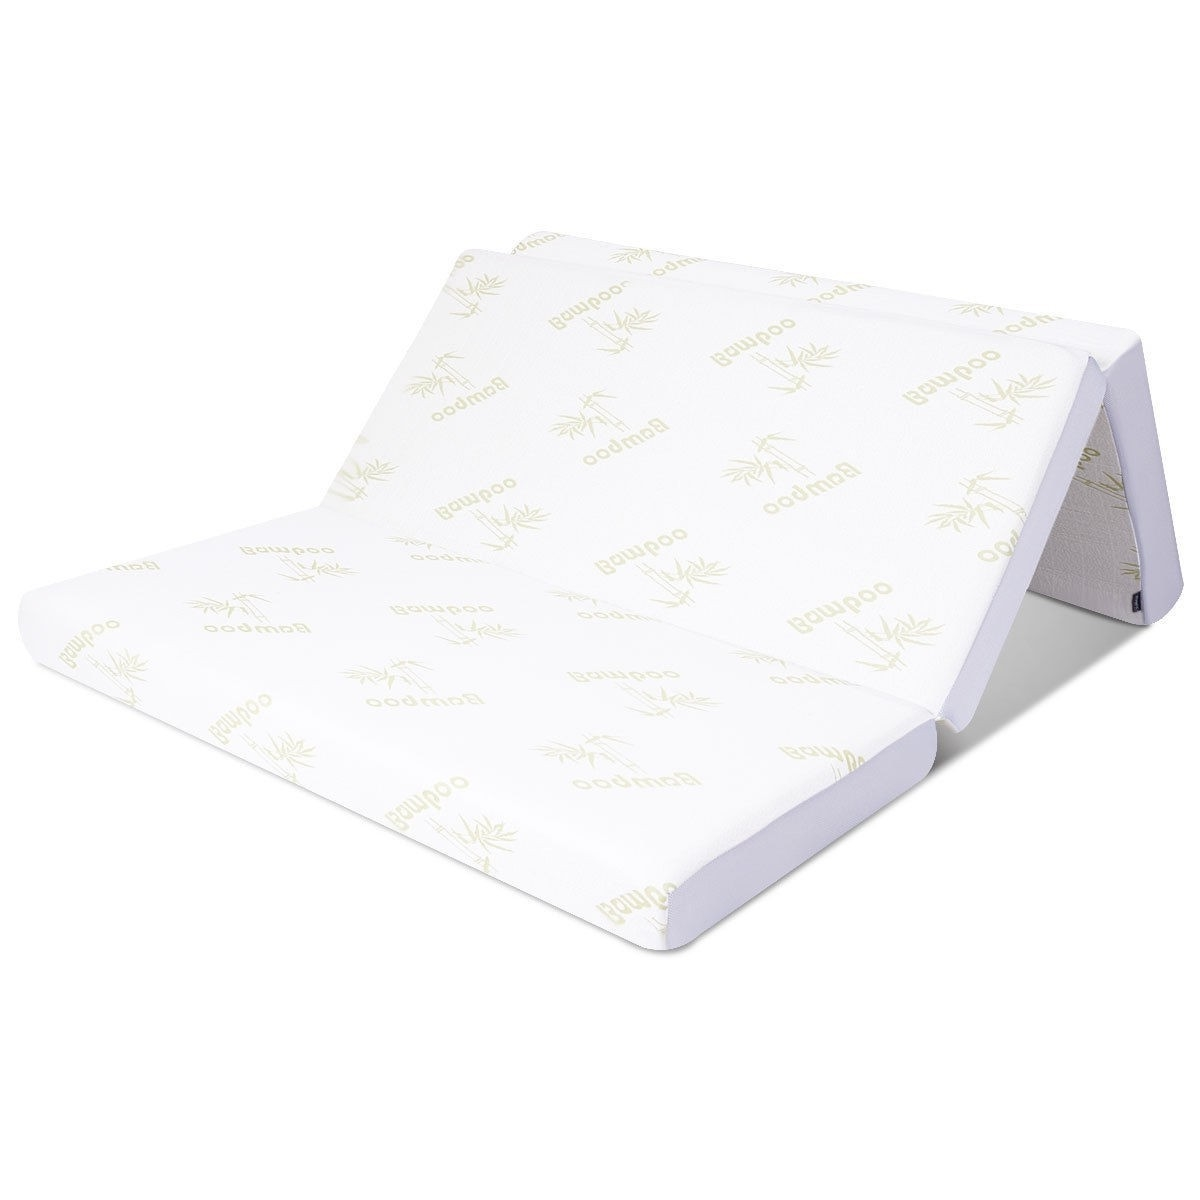 Queen Size 6 Inch Folding Memory Foam